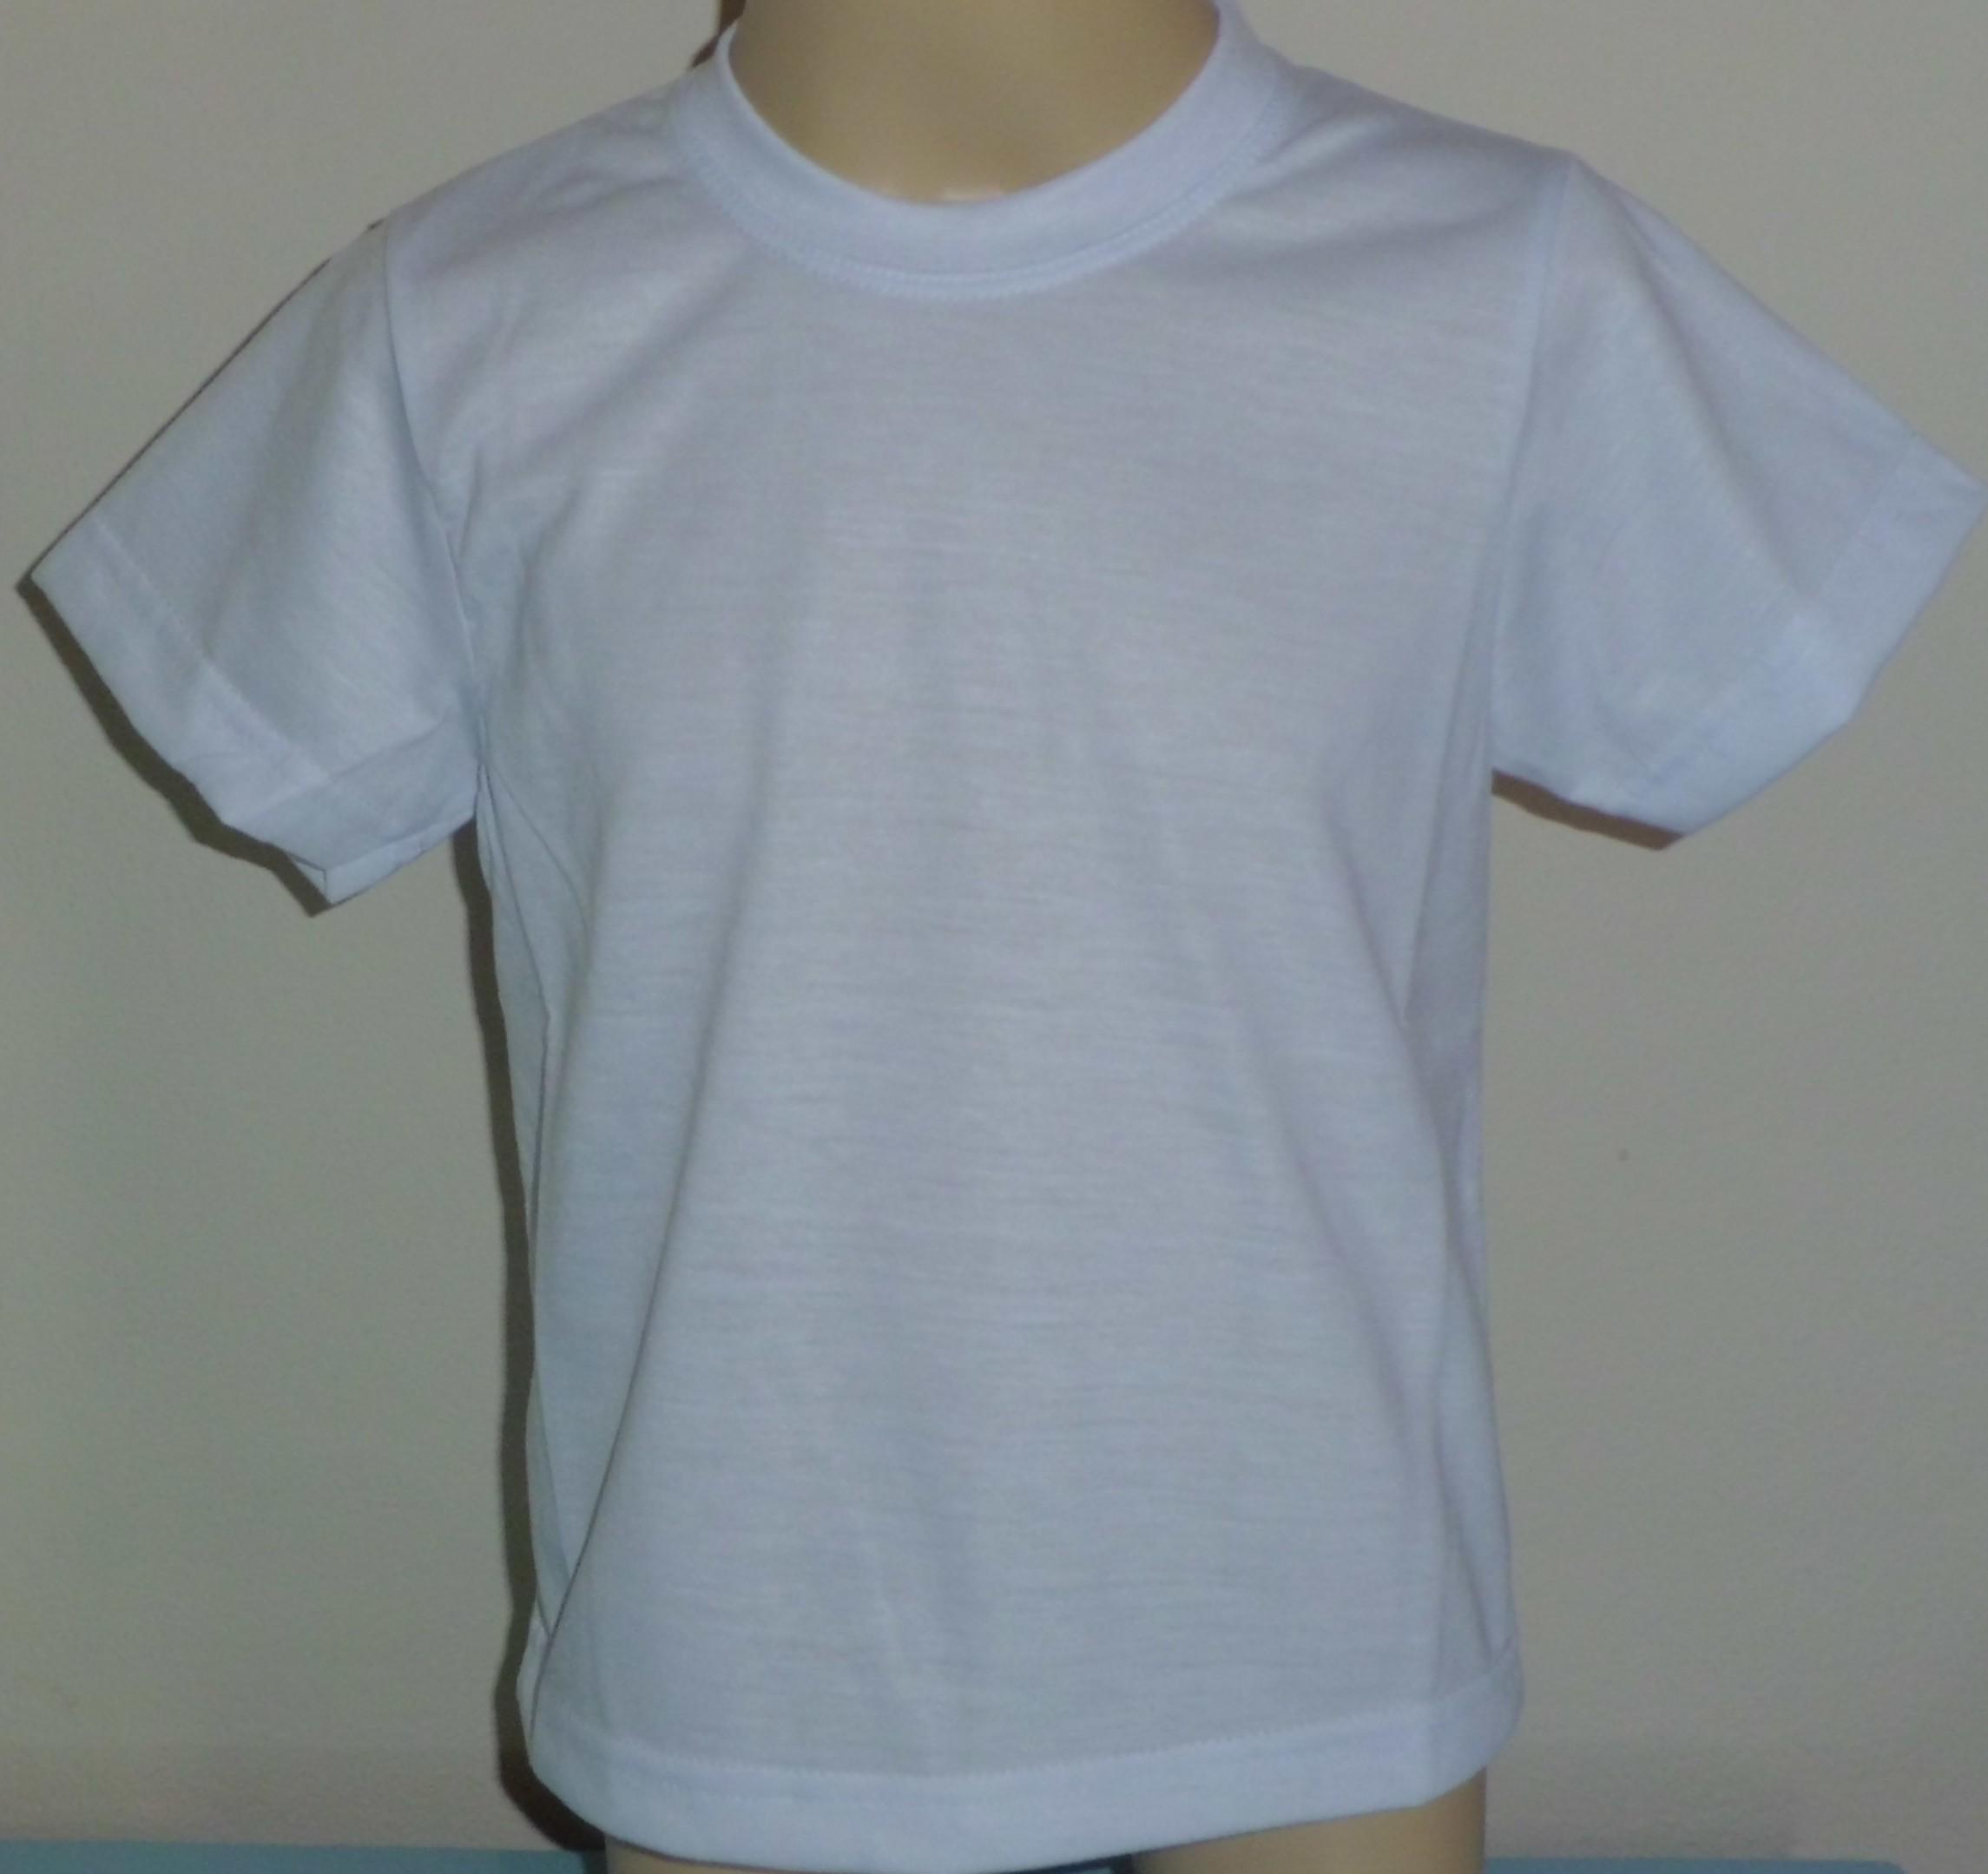 a2c84c7130 Camiseta Bebê em Malha PP Vortex (Anti-Pilling) 100% Poliester para ...